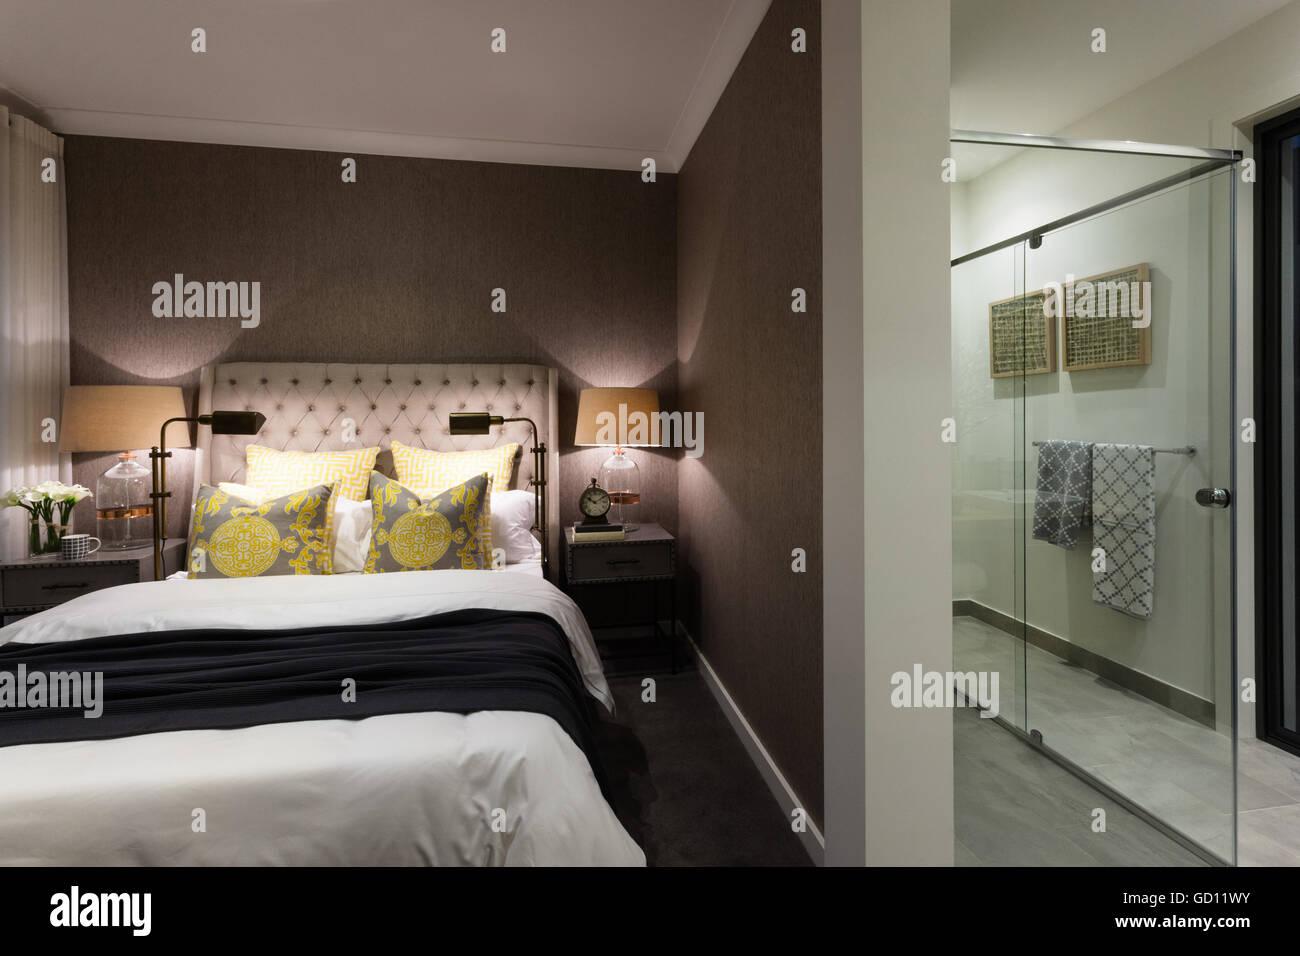 Bagno In Camera Con Vetro : Camera moderna di una casa o di hotel attaccato ad un bagno doccia